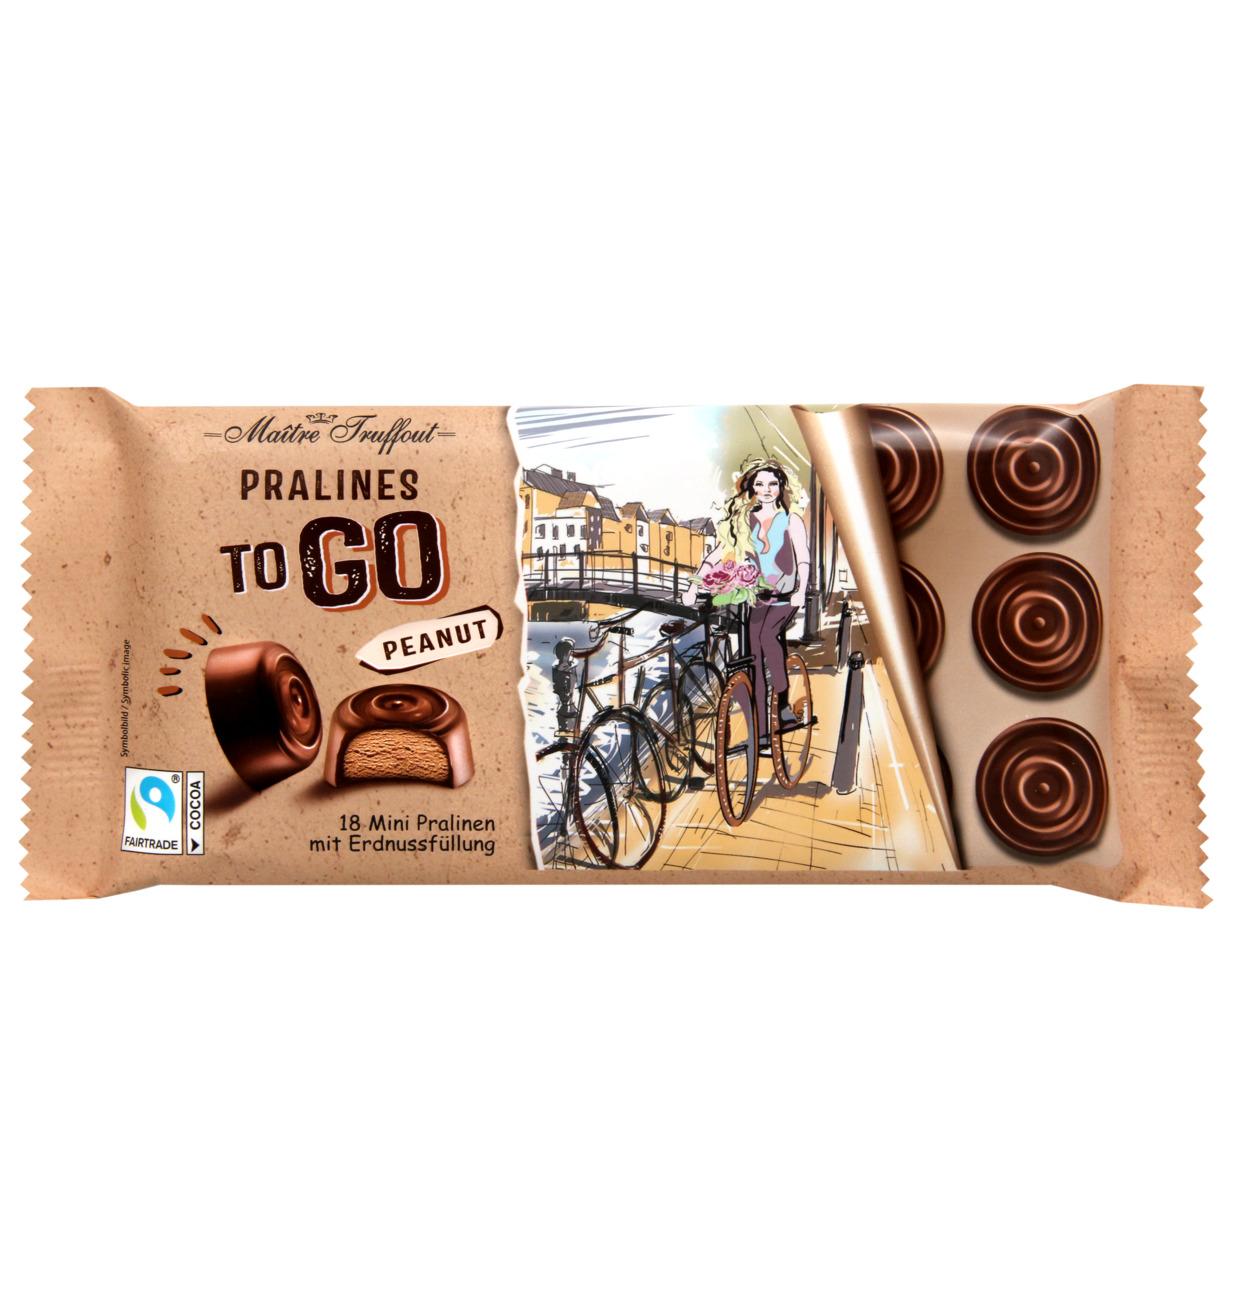 Pralinen TO GO Milchschokolade mit Erdnussfüllung